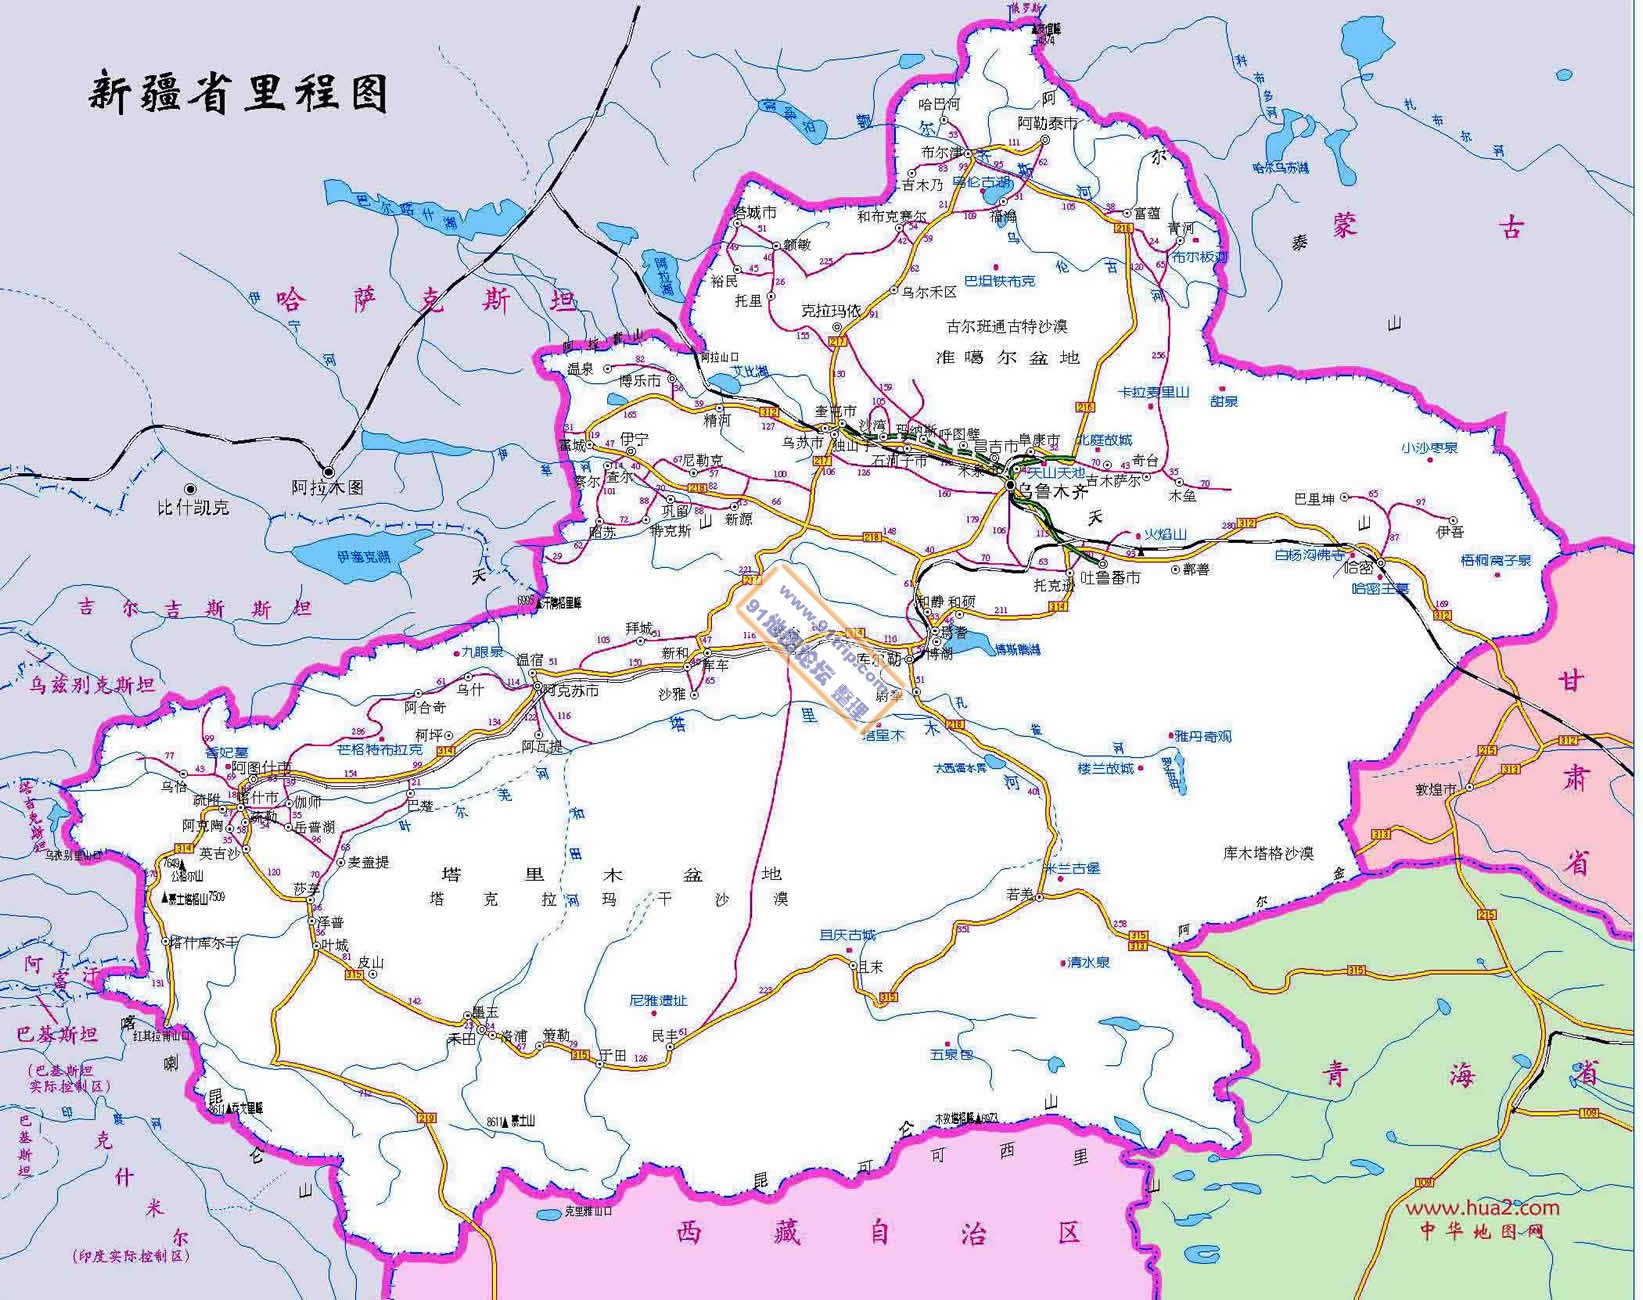 答:新疆旅游官方网站只有新疆维吾尔自治区的网站,不知道你要了解哪图片